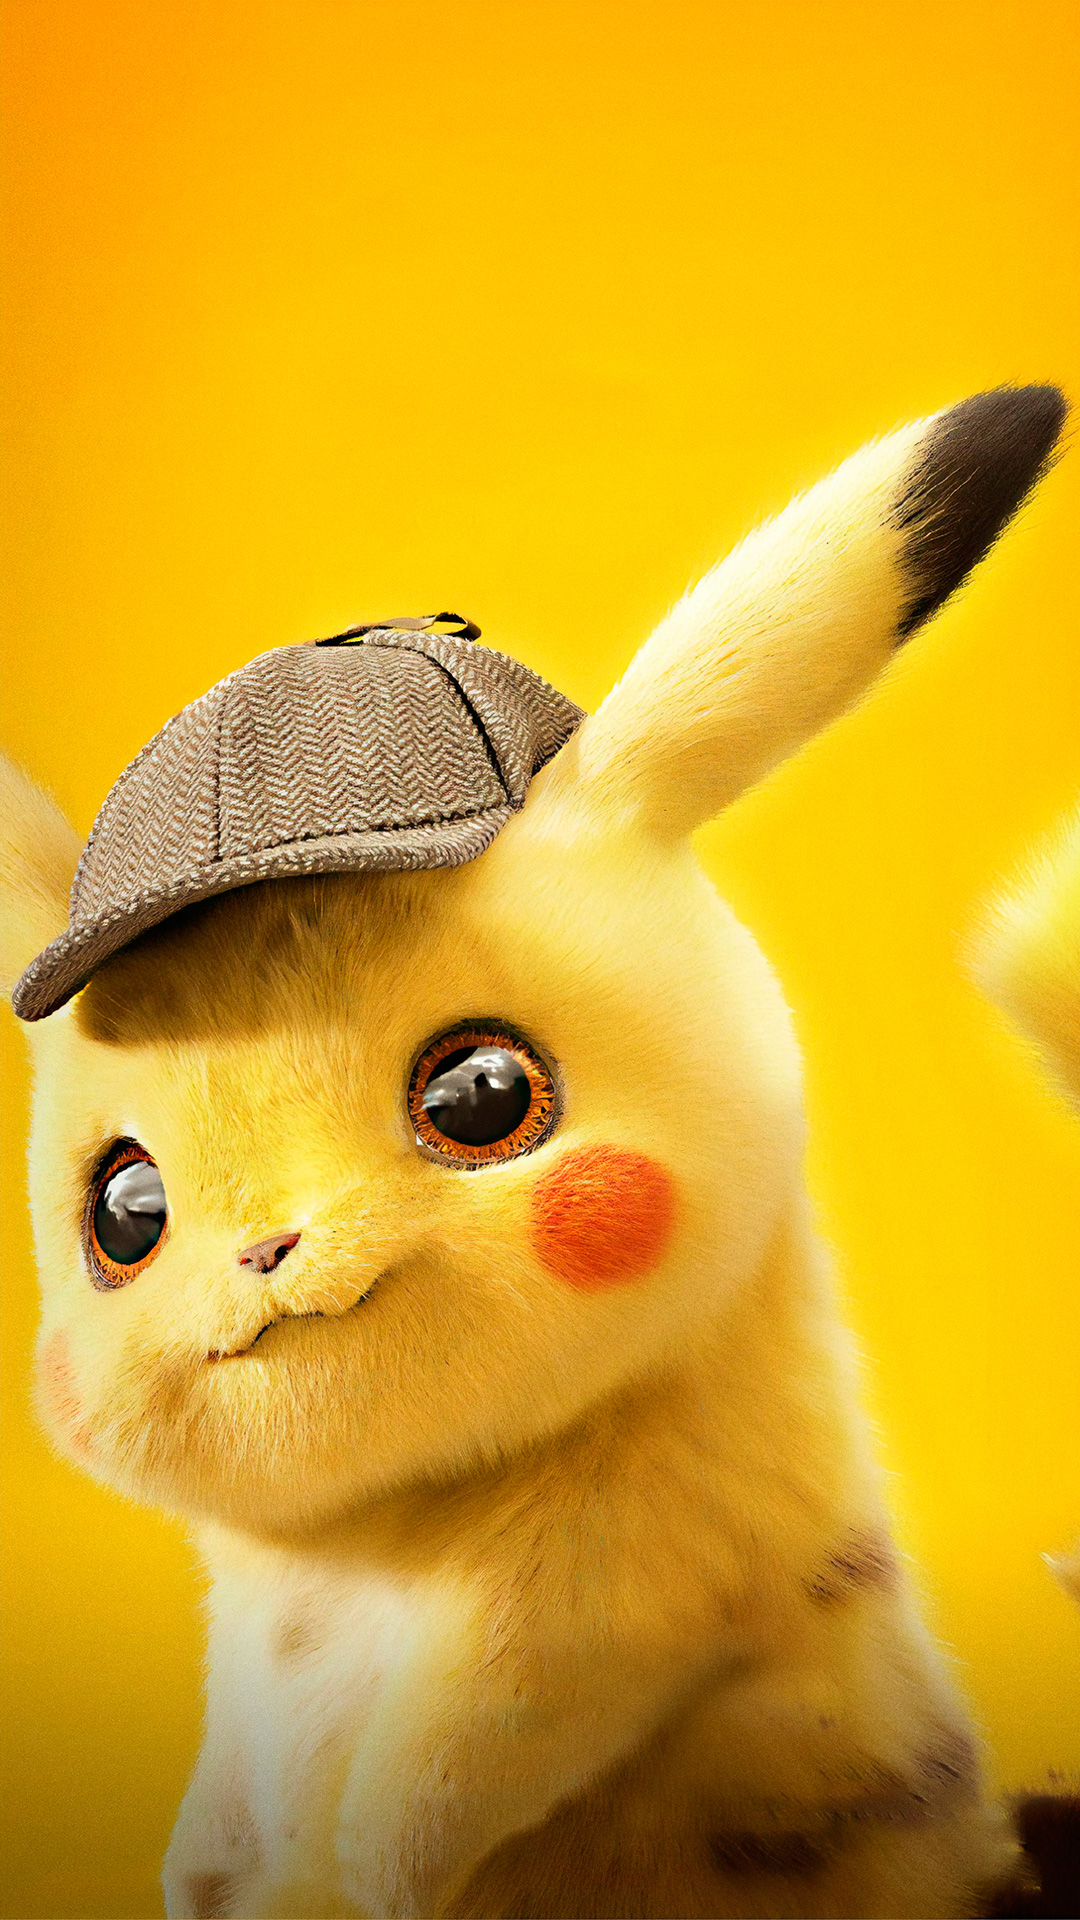 Покемон пикачу — pikachu в pokemon go № 025 - где найти, как поймать